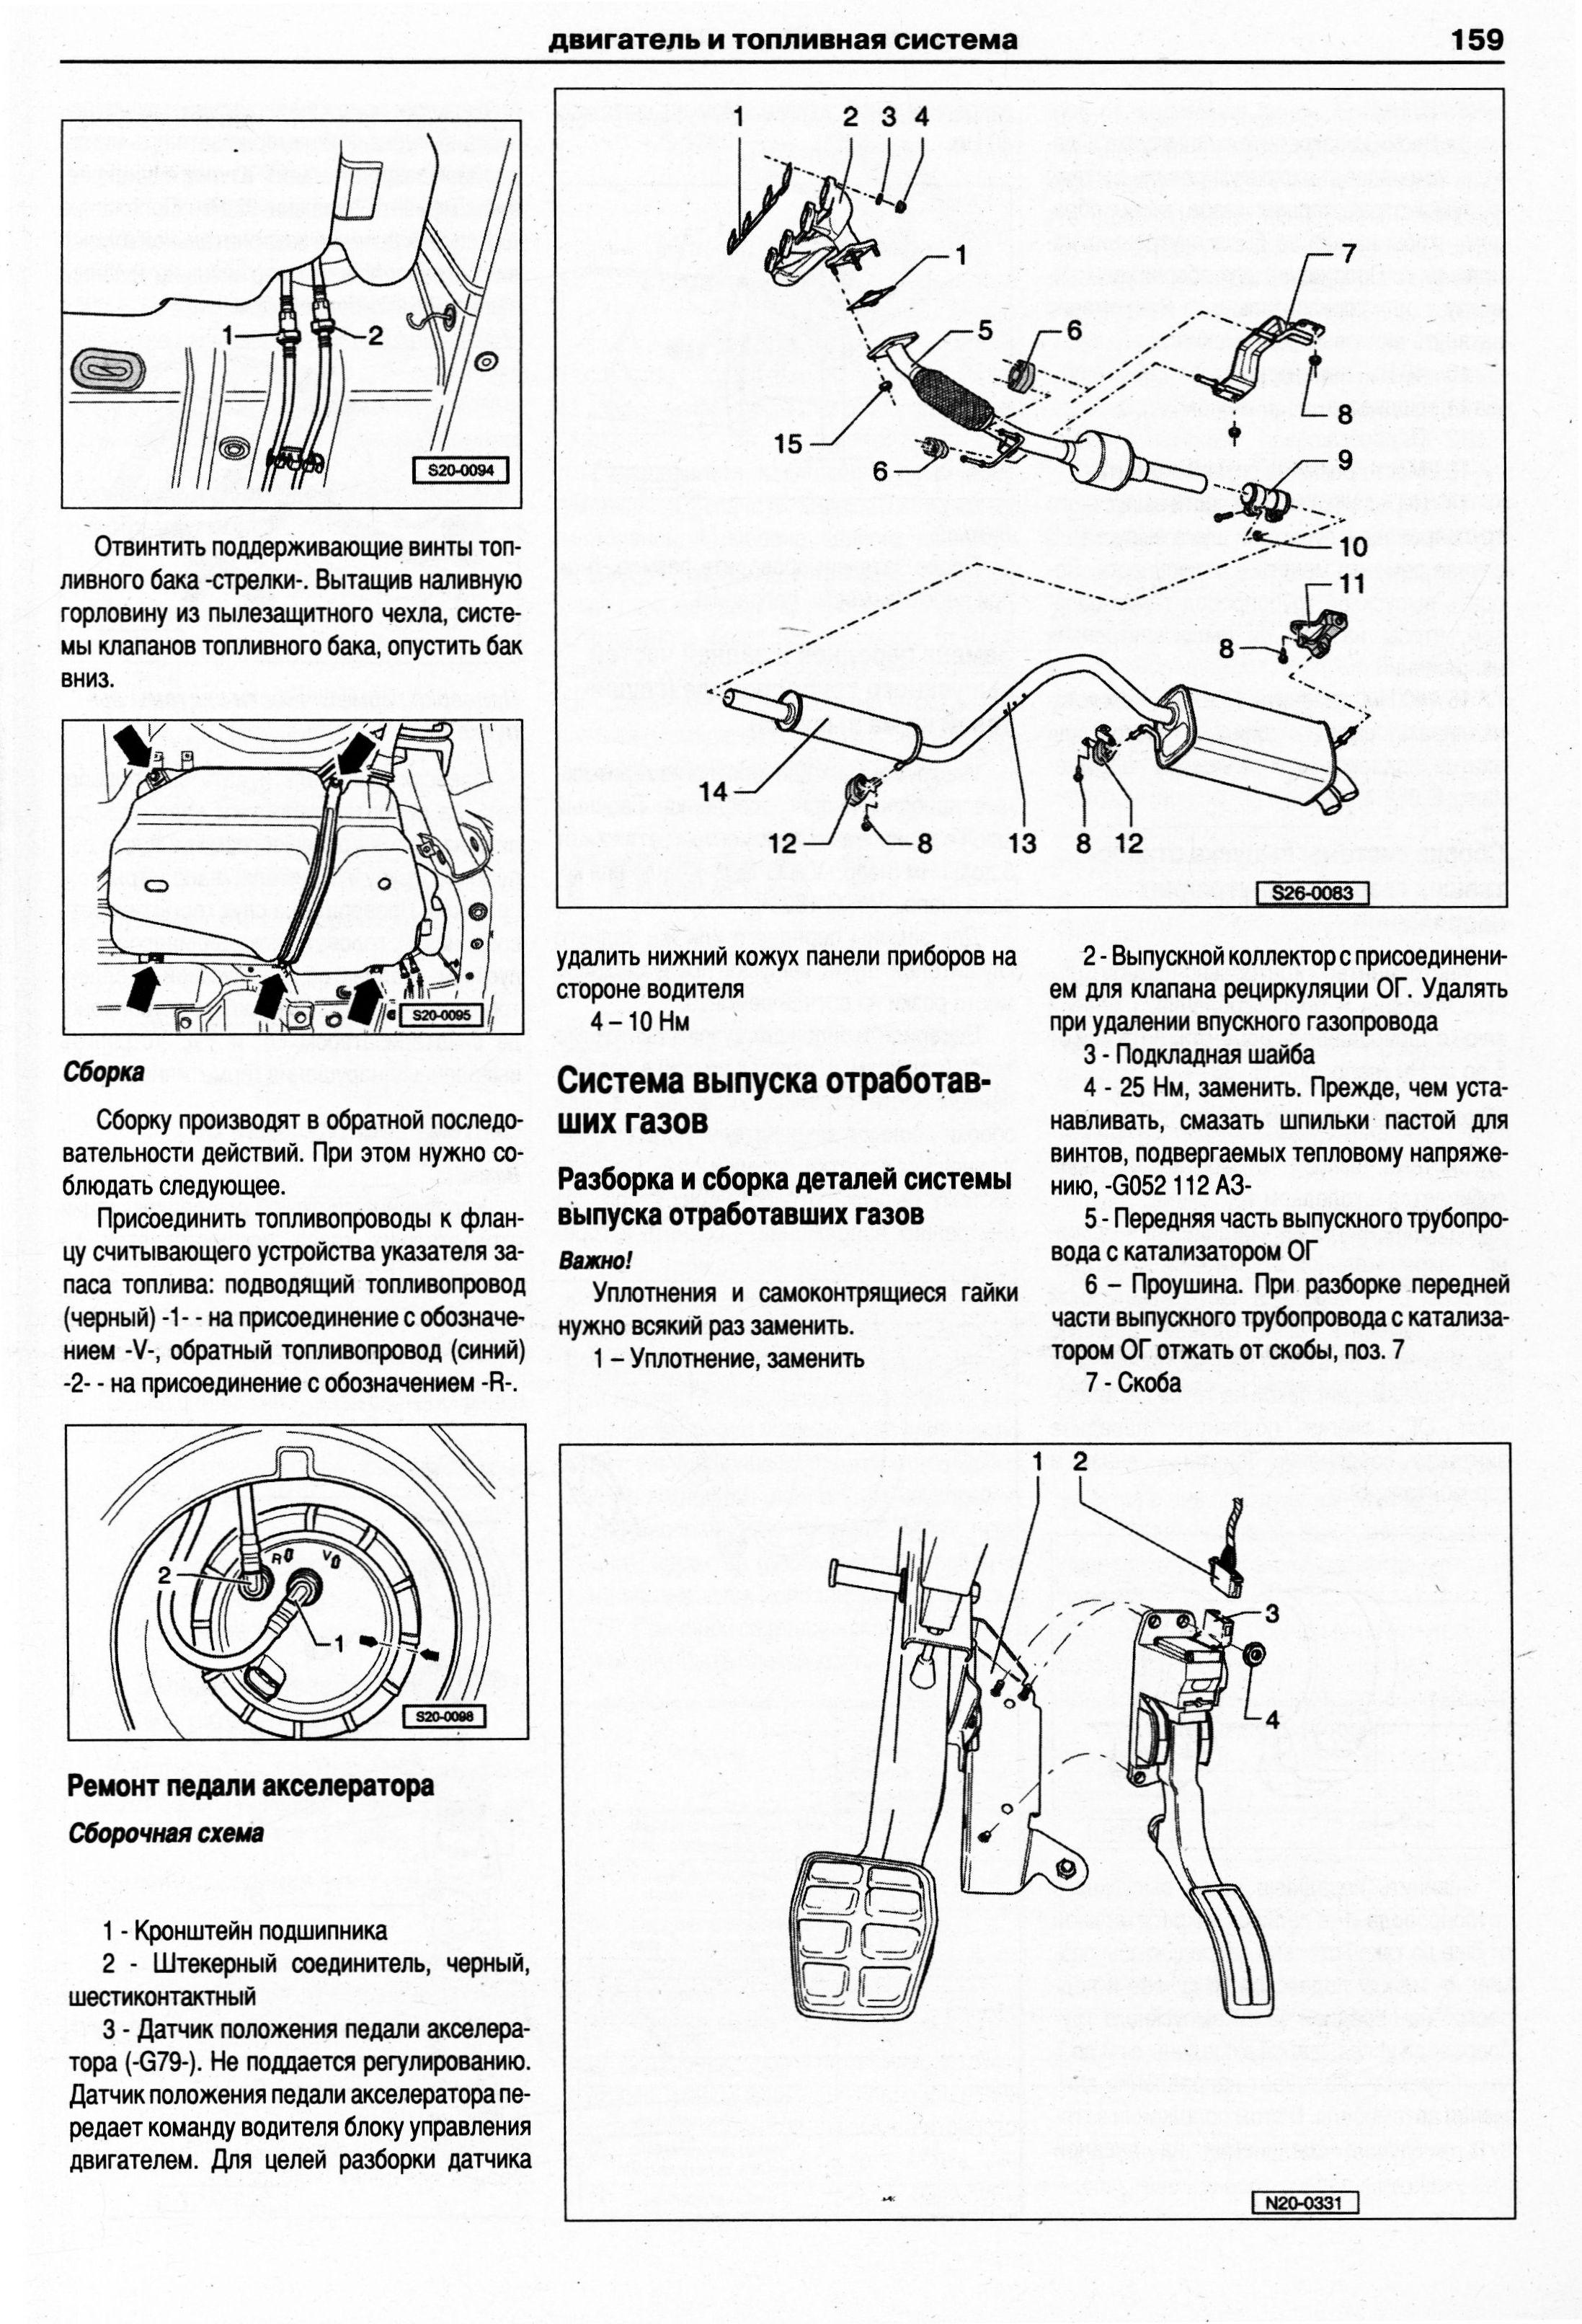 книга по ремонту киа сид 2011 скачать бесплатно